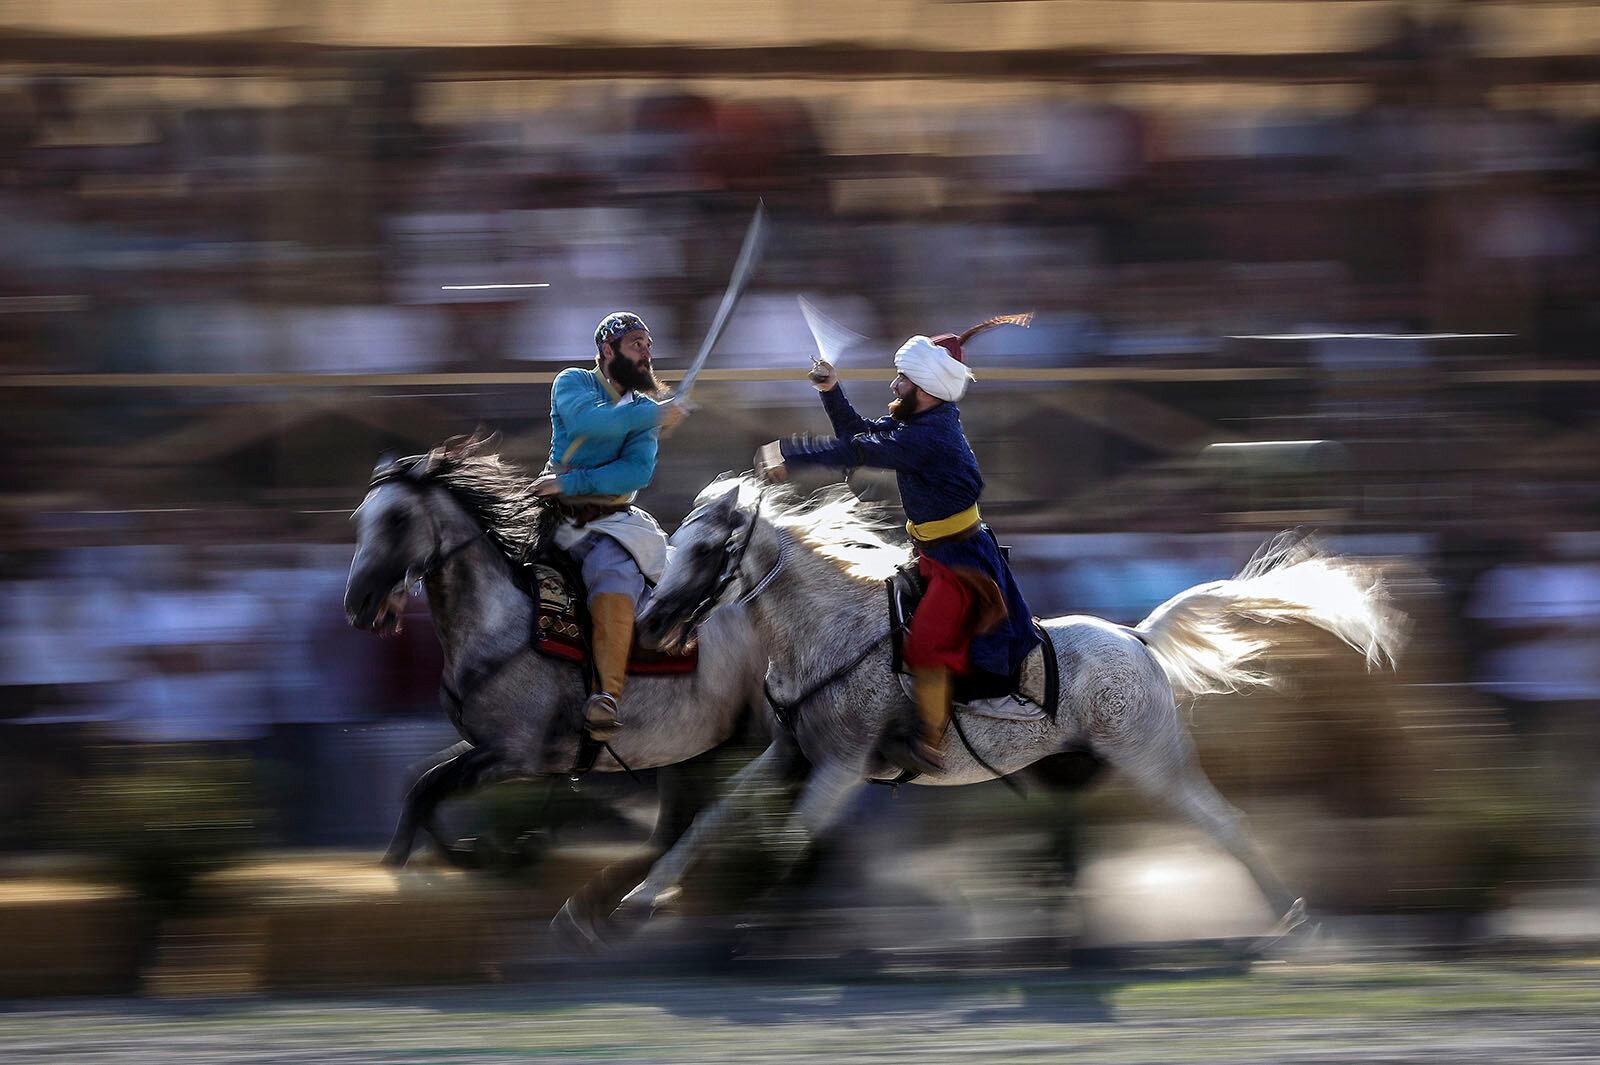 Malazgirt Zaferi'nin 947. yıl dönümü kapsamında Bitlis'in Ahlat ilçesinde gerçekleştirilen etkinlikler, vatandaşlardan yoğun ilgi gördü. Çarho mevkisindeki 400 dönümlük alanda düzenlenen etkinliklere gelen vatandaşlar, kök börü, atlı okçuluk, cirit, güreş müsabakaları ve geleneksel oyunlar ile Kırgızların gelin-damat, beşik toyu etkinliklerini ilgiyle izledi.